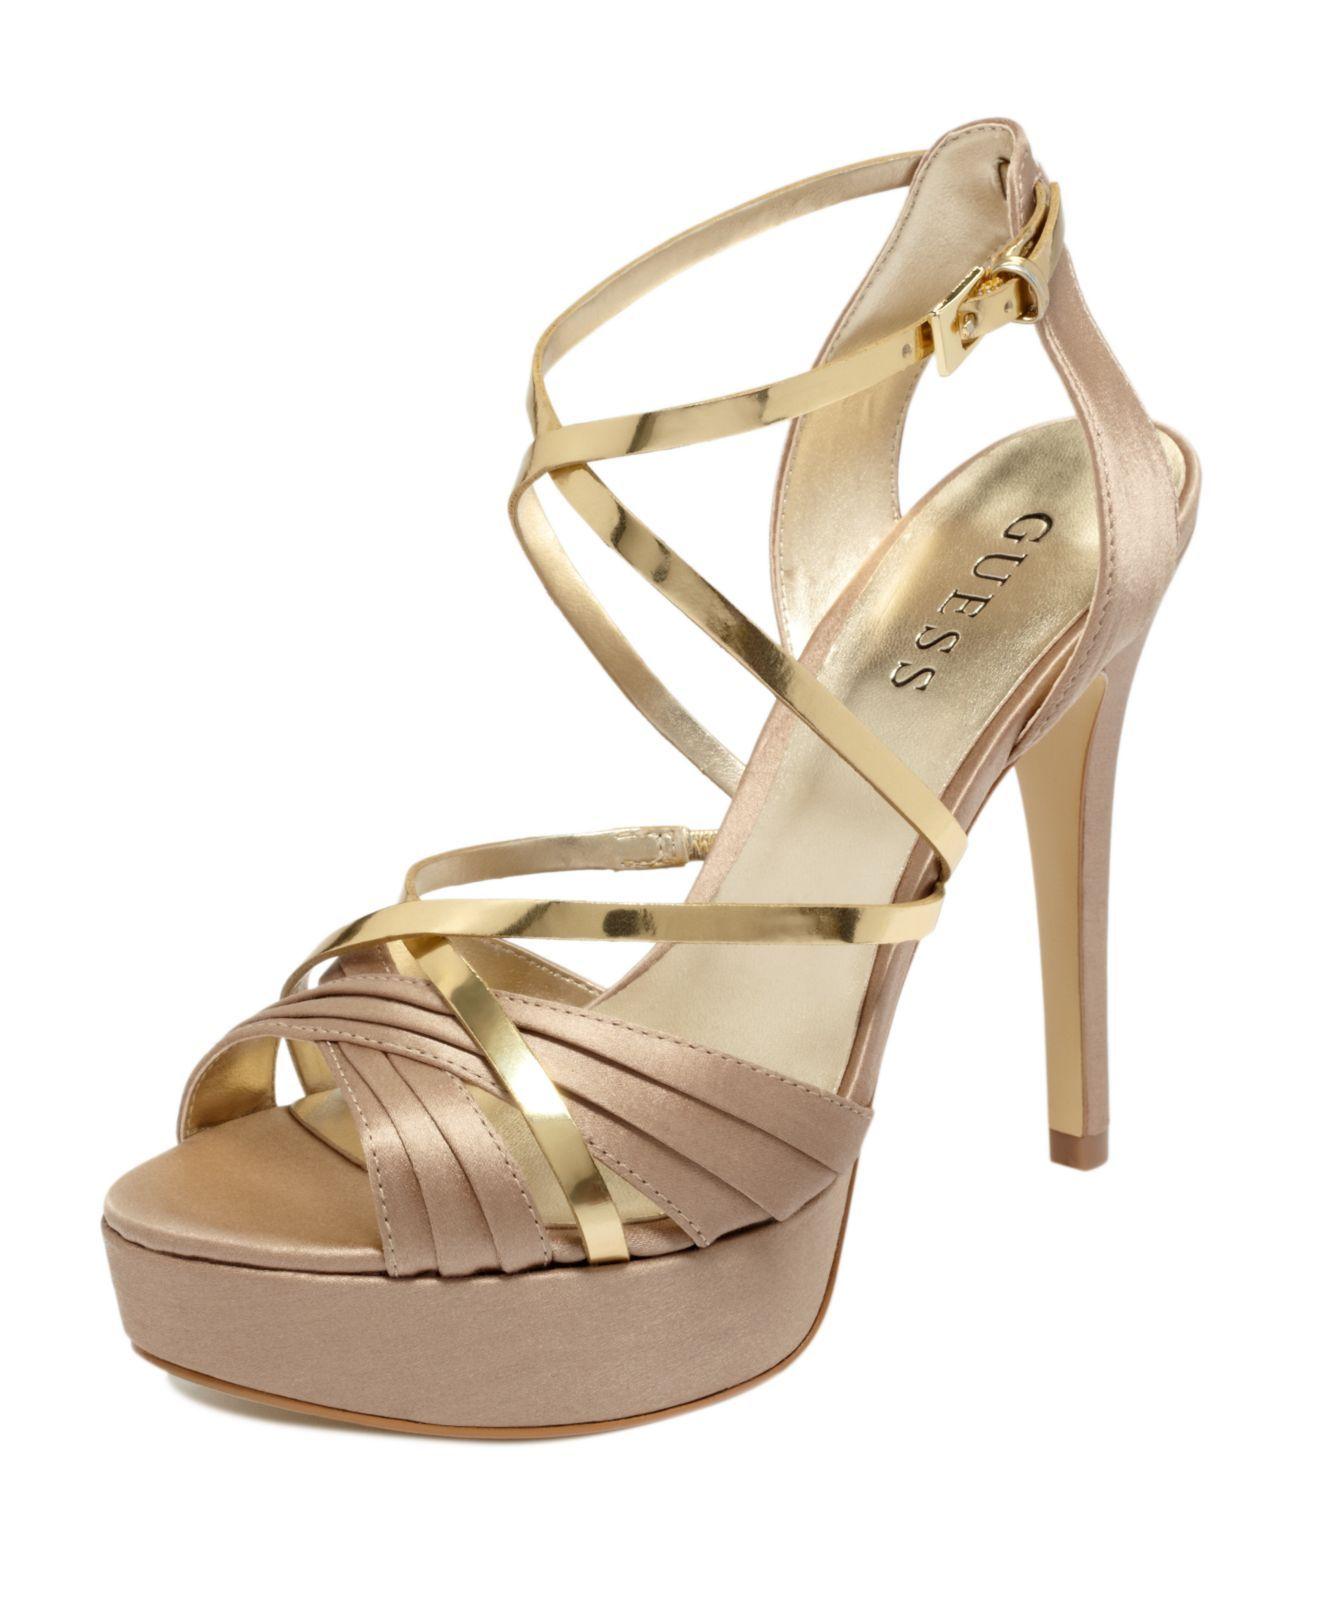 GUESS Women s Shoes ef60f35d5d7